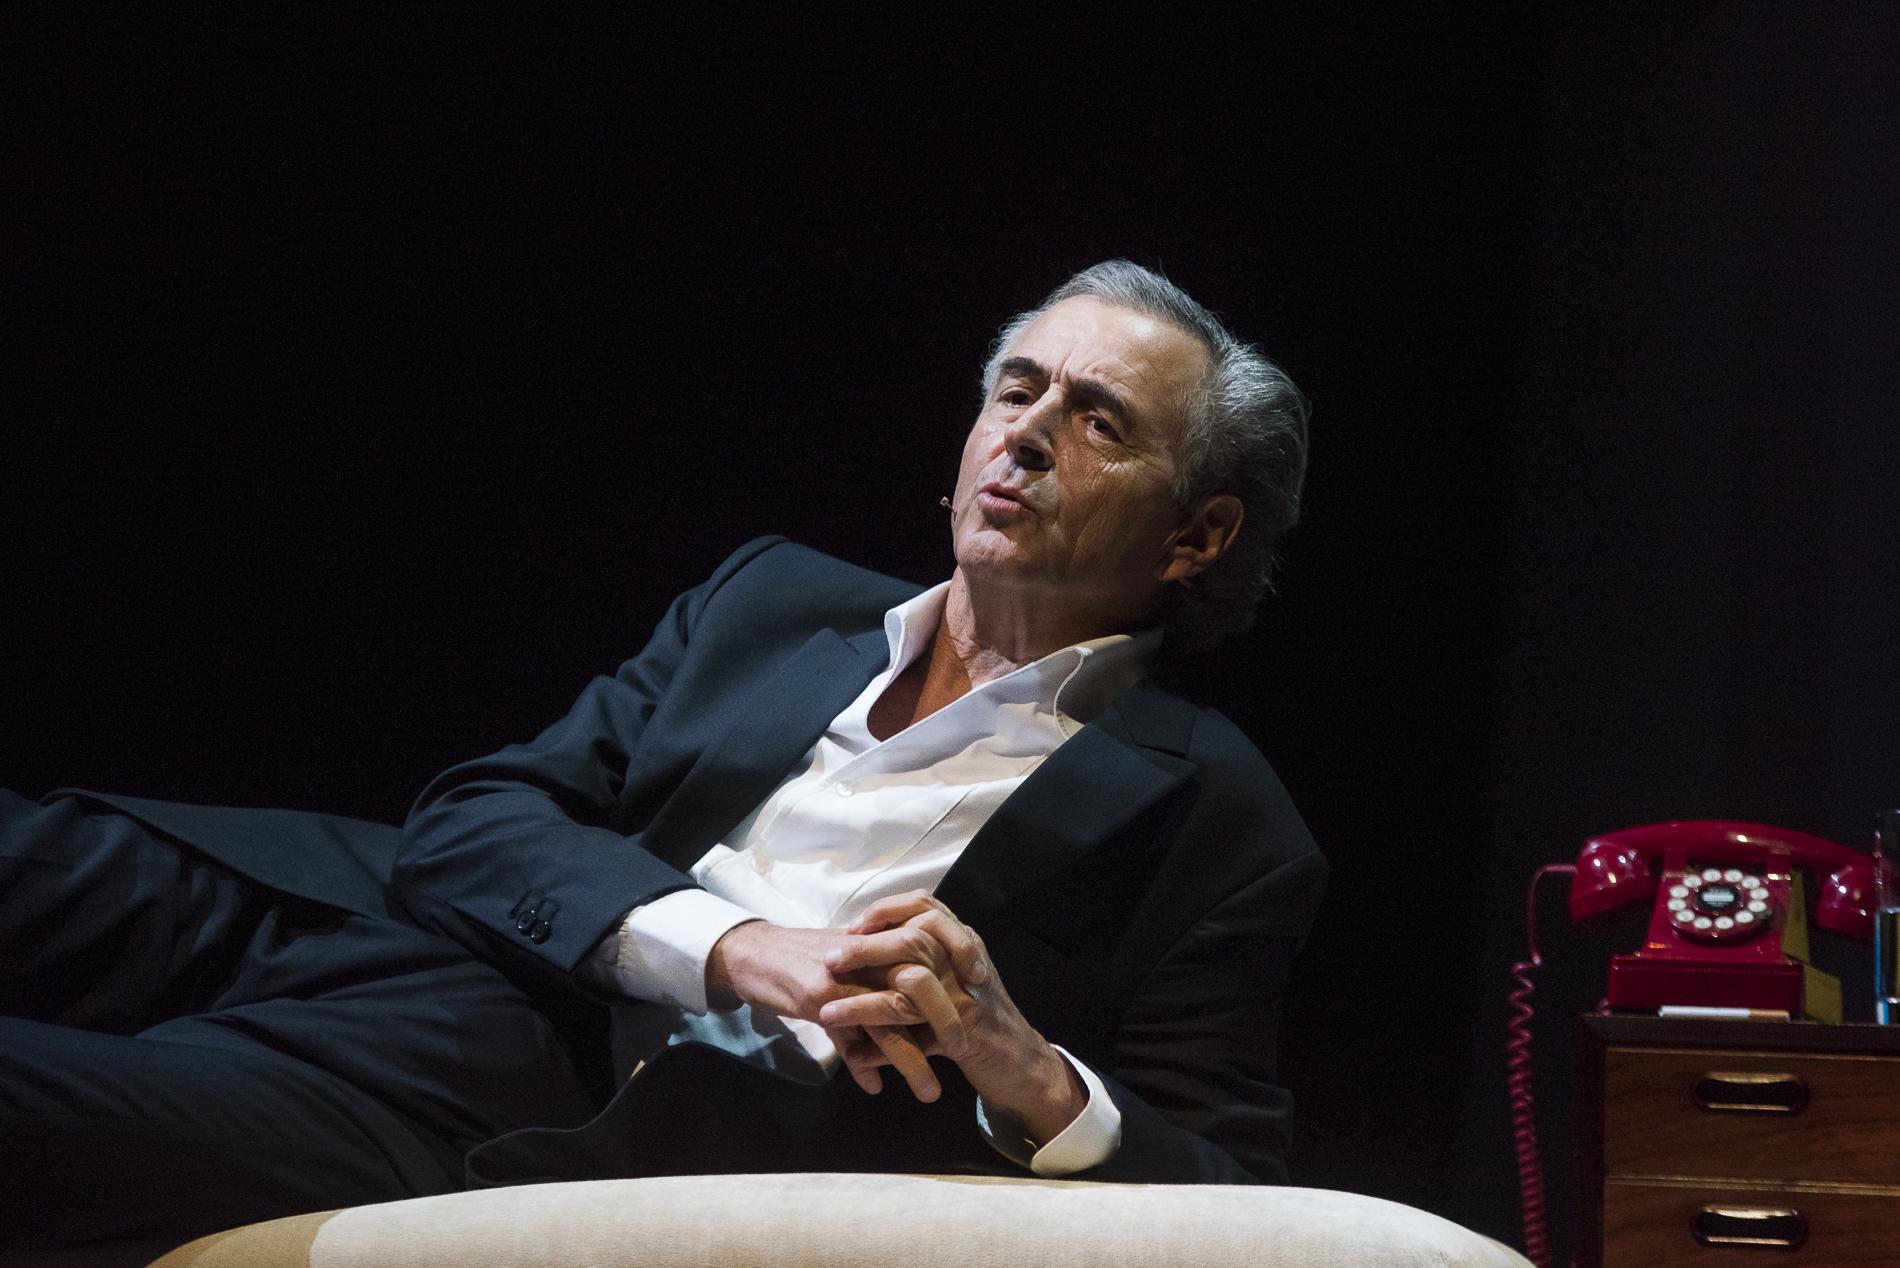 Bernard-Henri Lévy interprète sa pièce, Last Exit Before Brexit, le 4 juin 2018 au Cadogan Hall, à Londres.